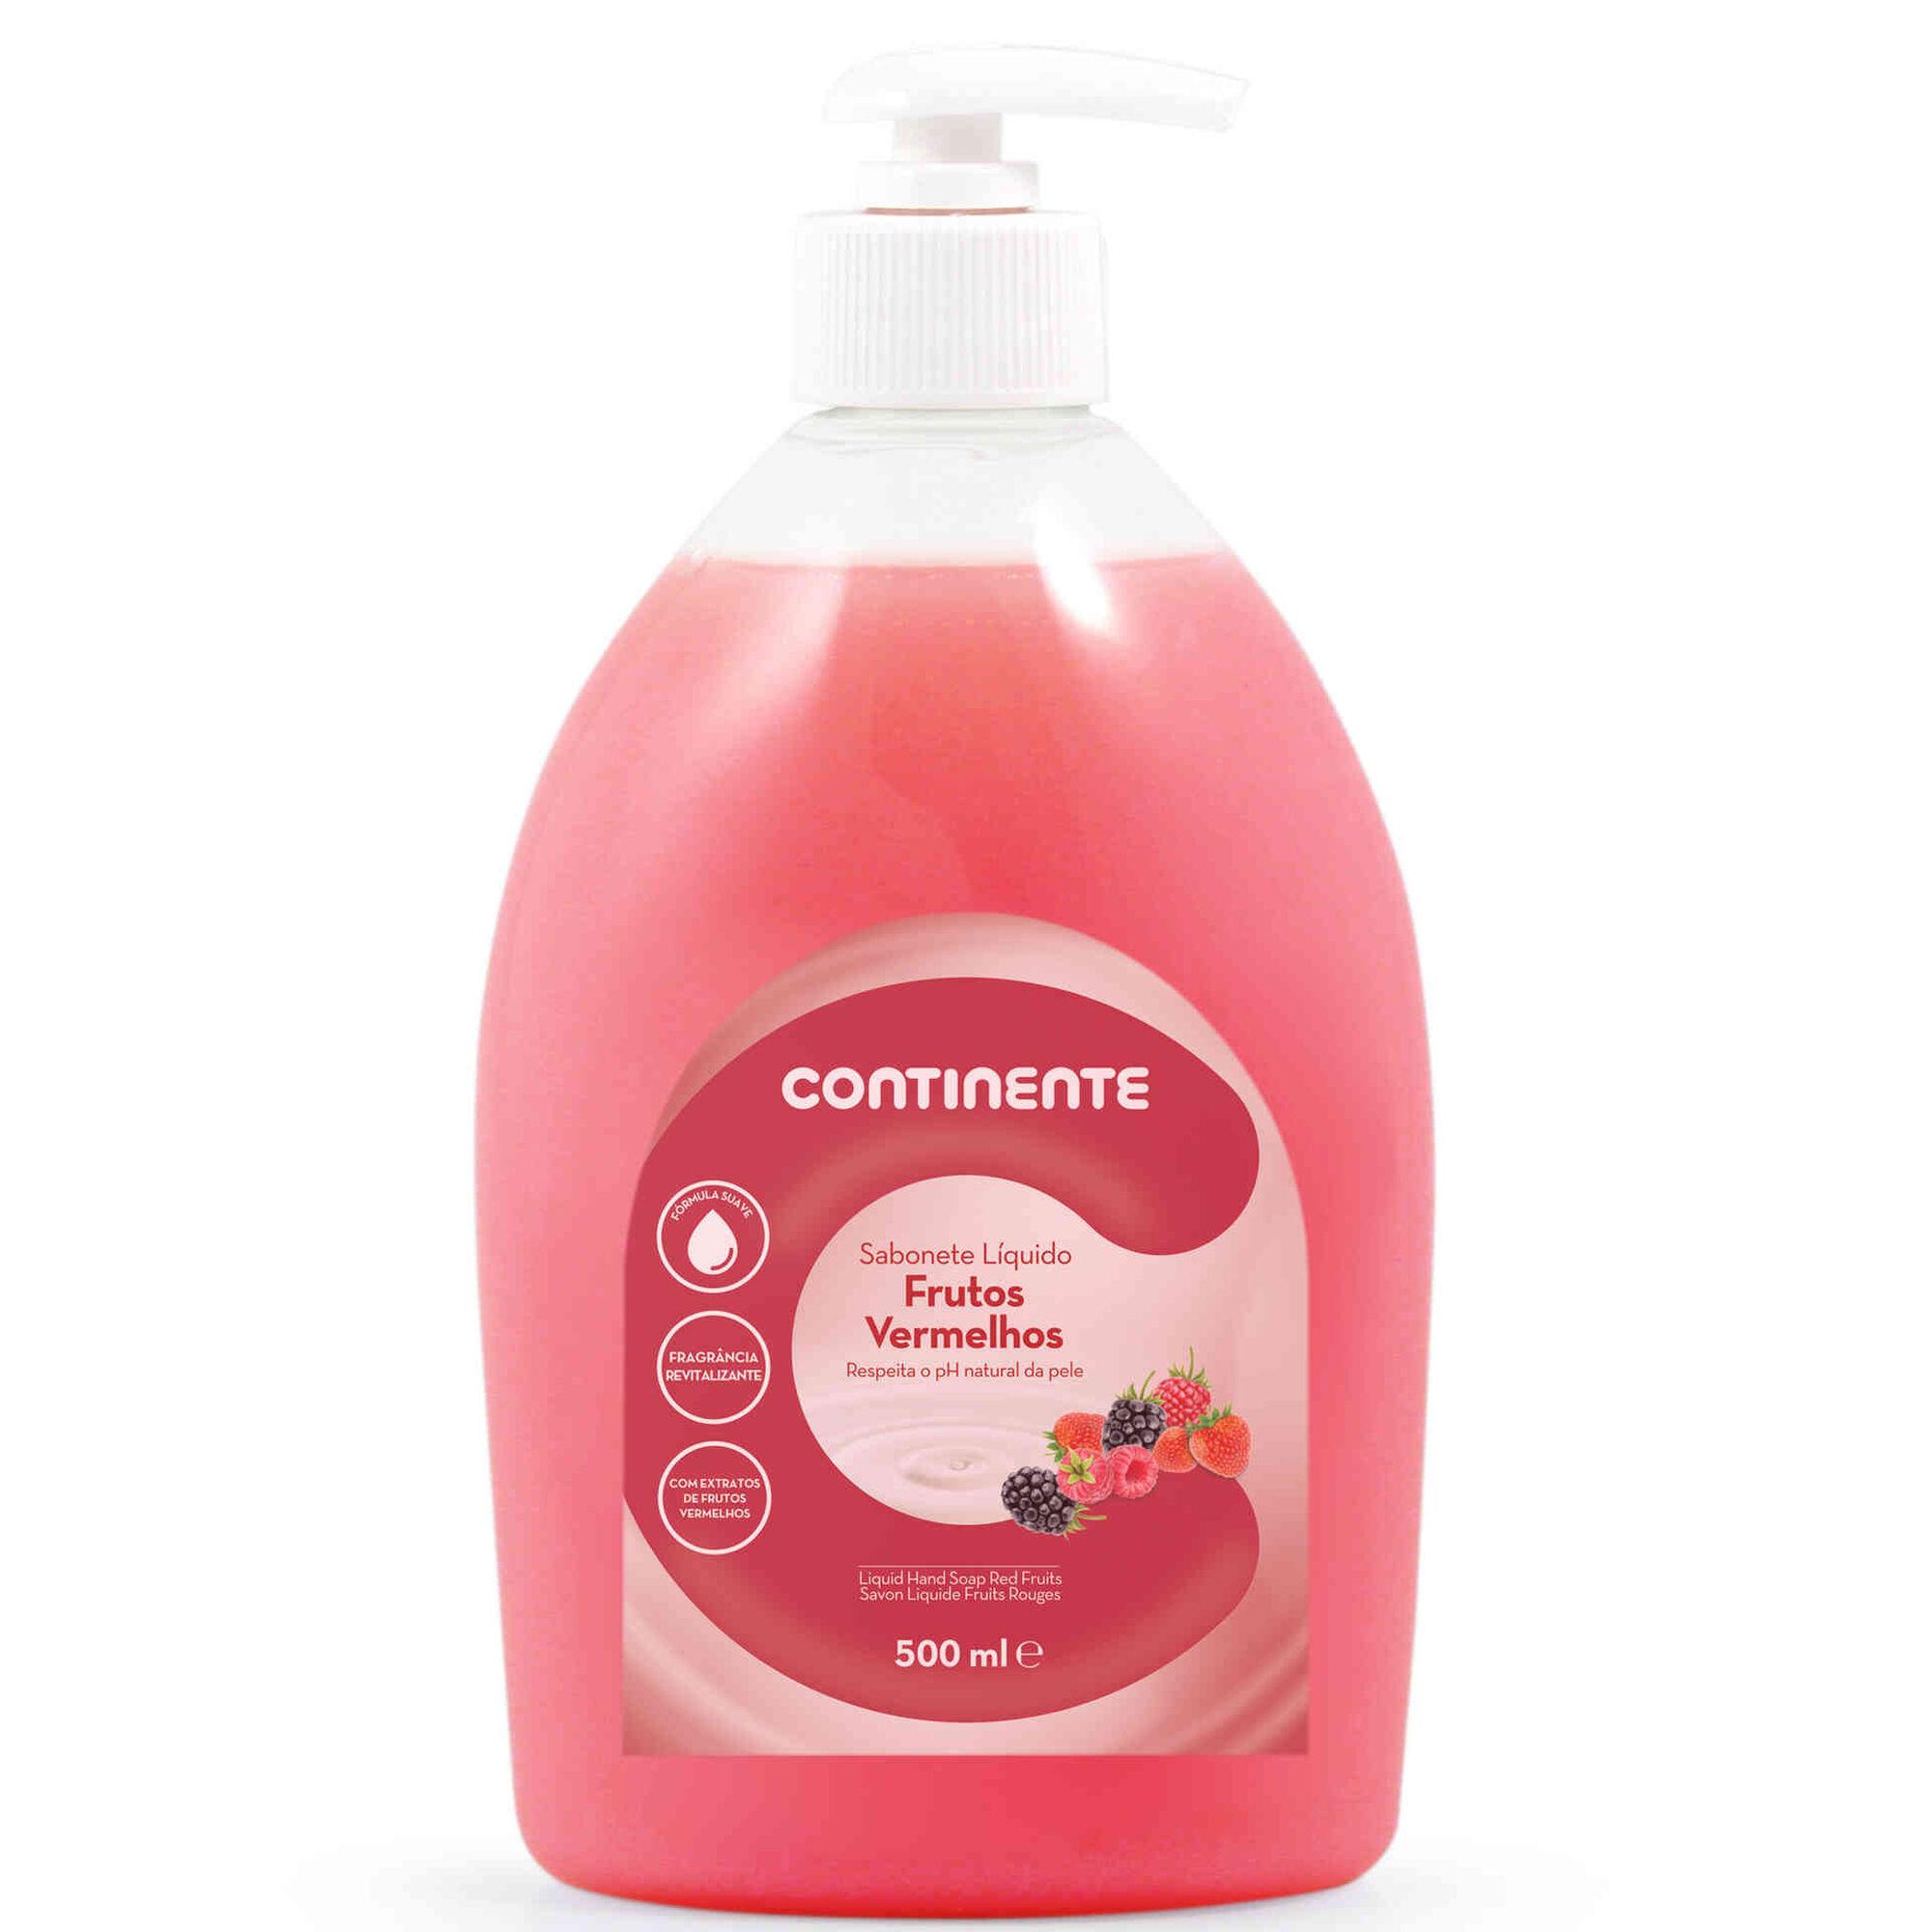 Sabonete Líquido Frutos Vermelhos